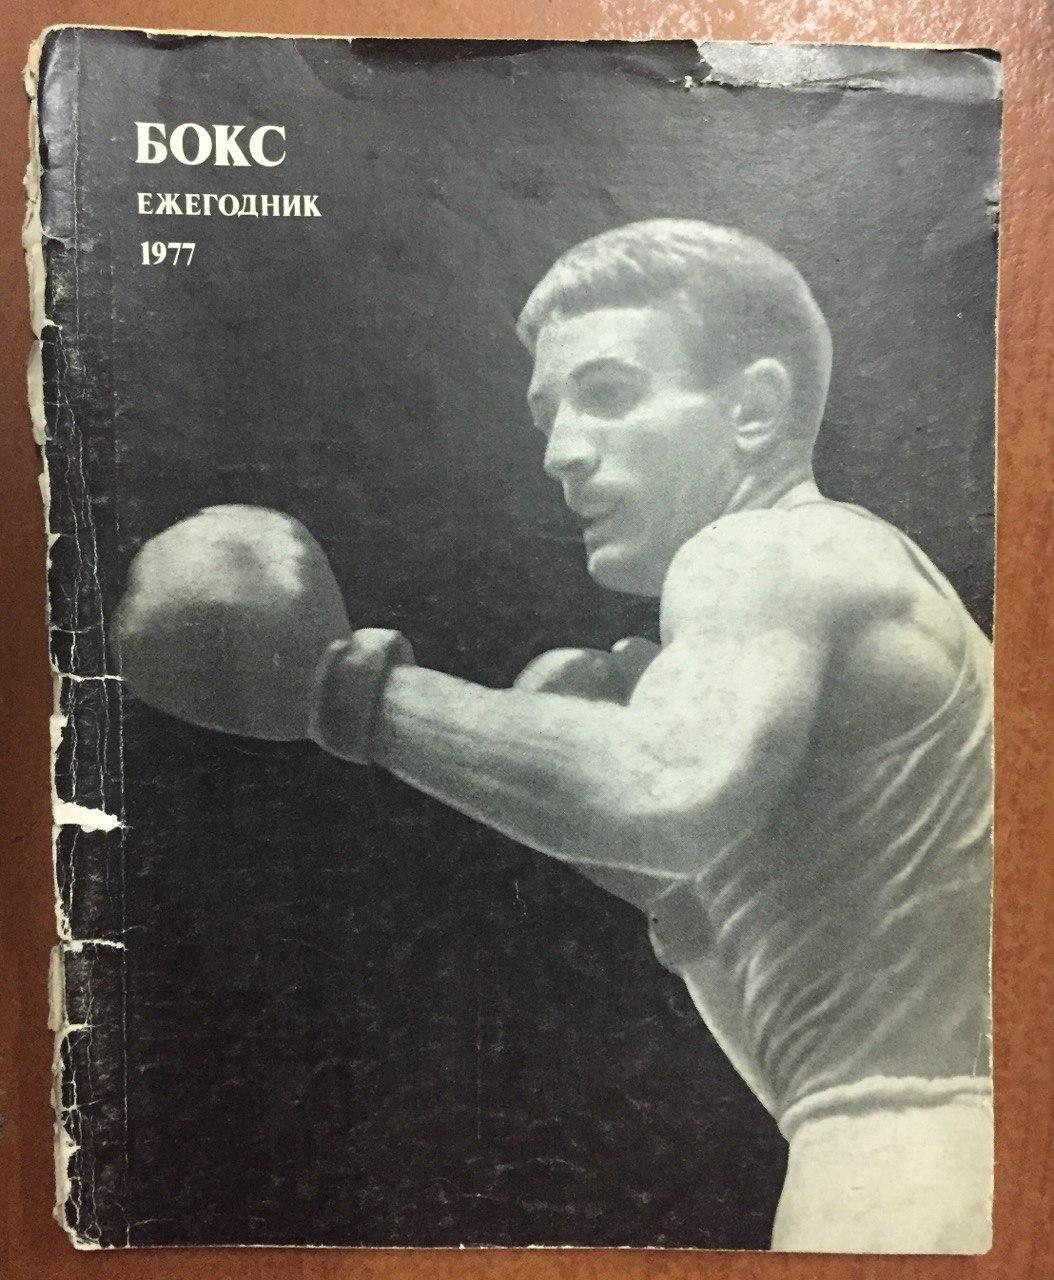 Бокс. 1977 г, Ежегодник.